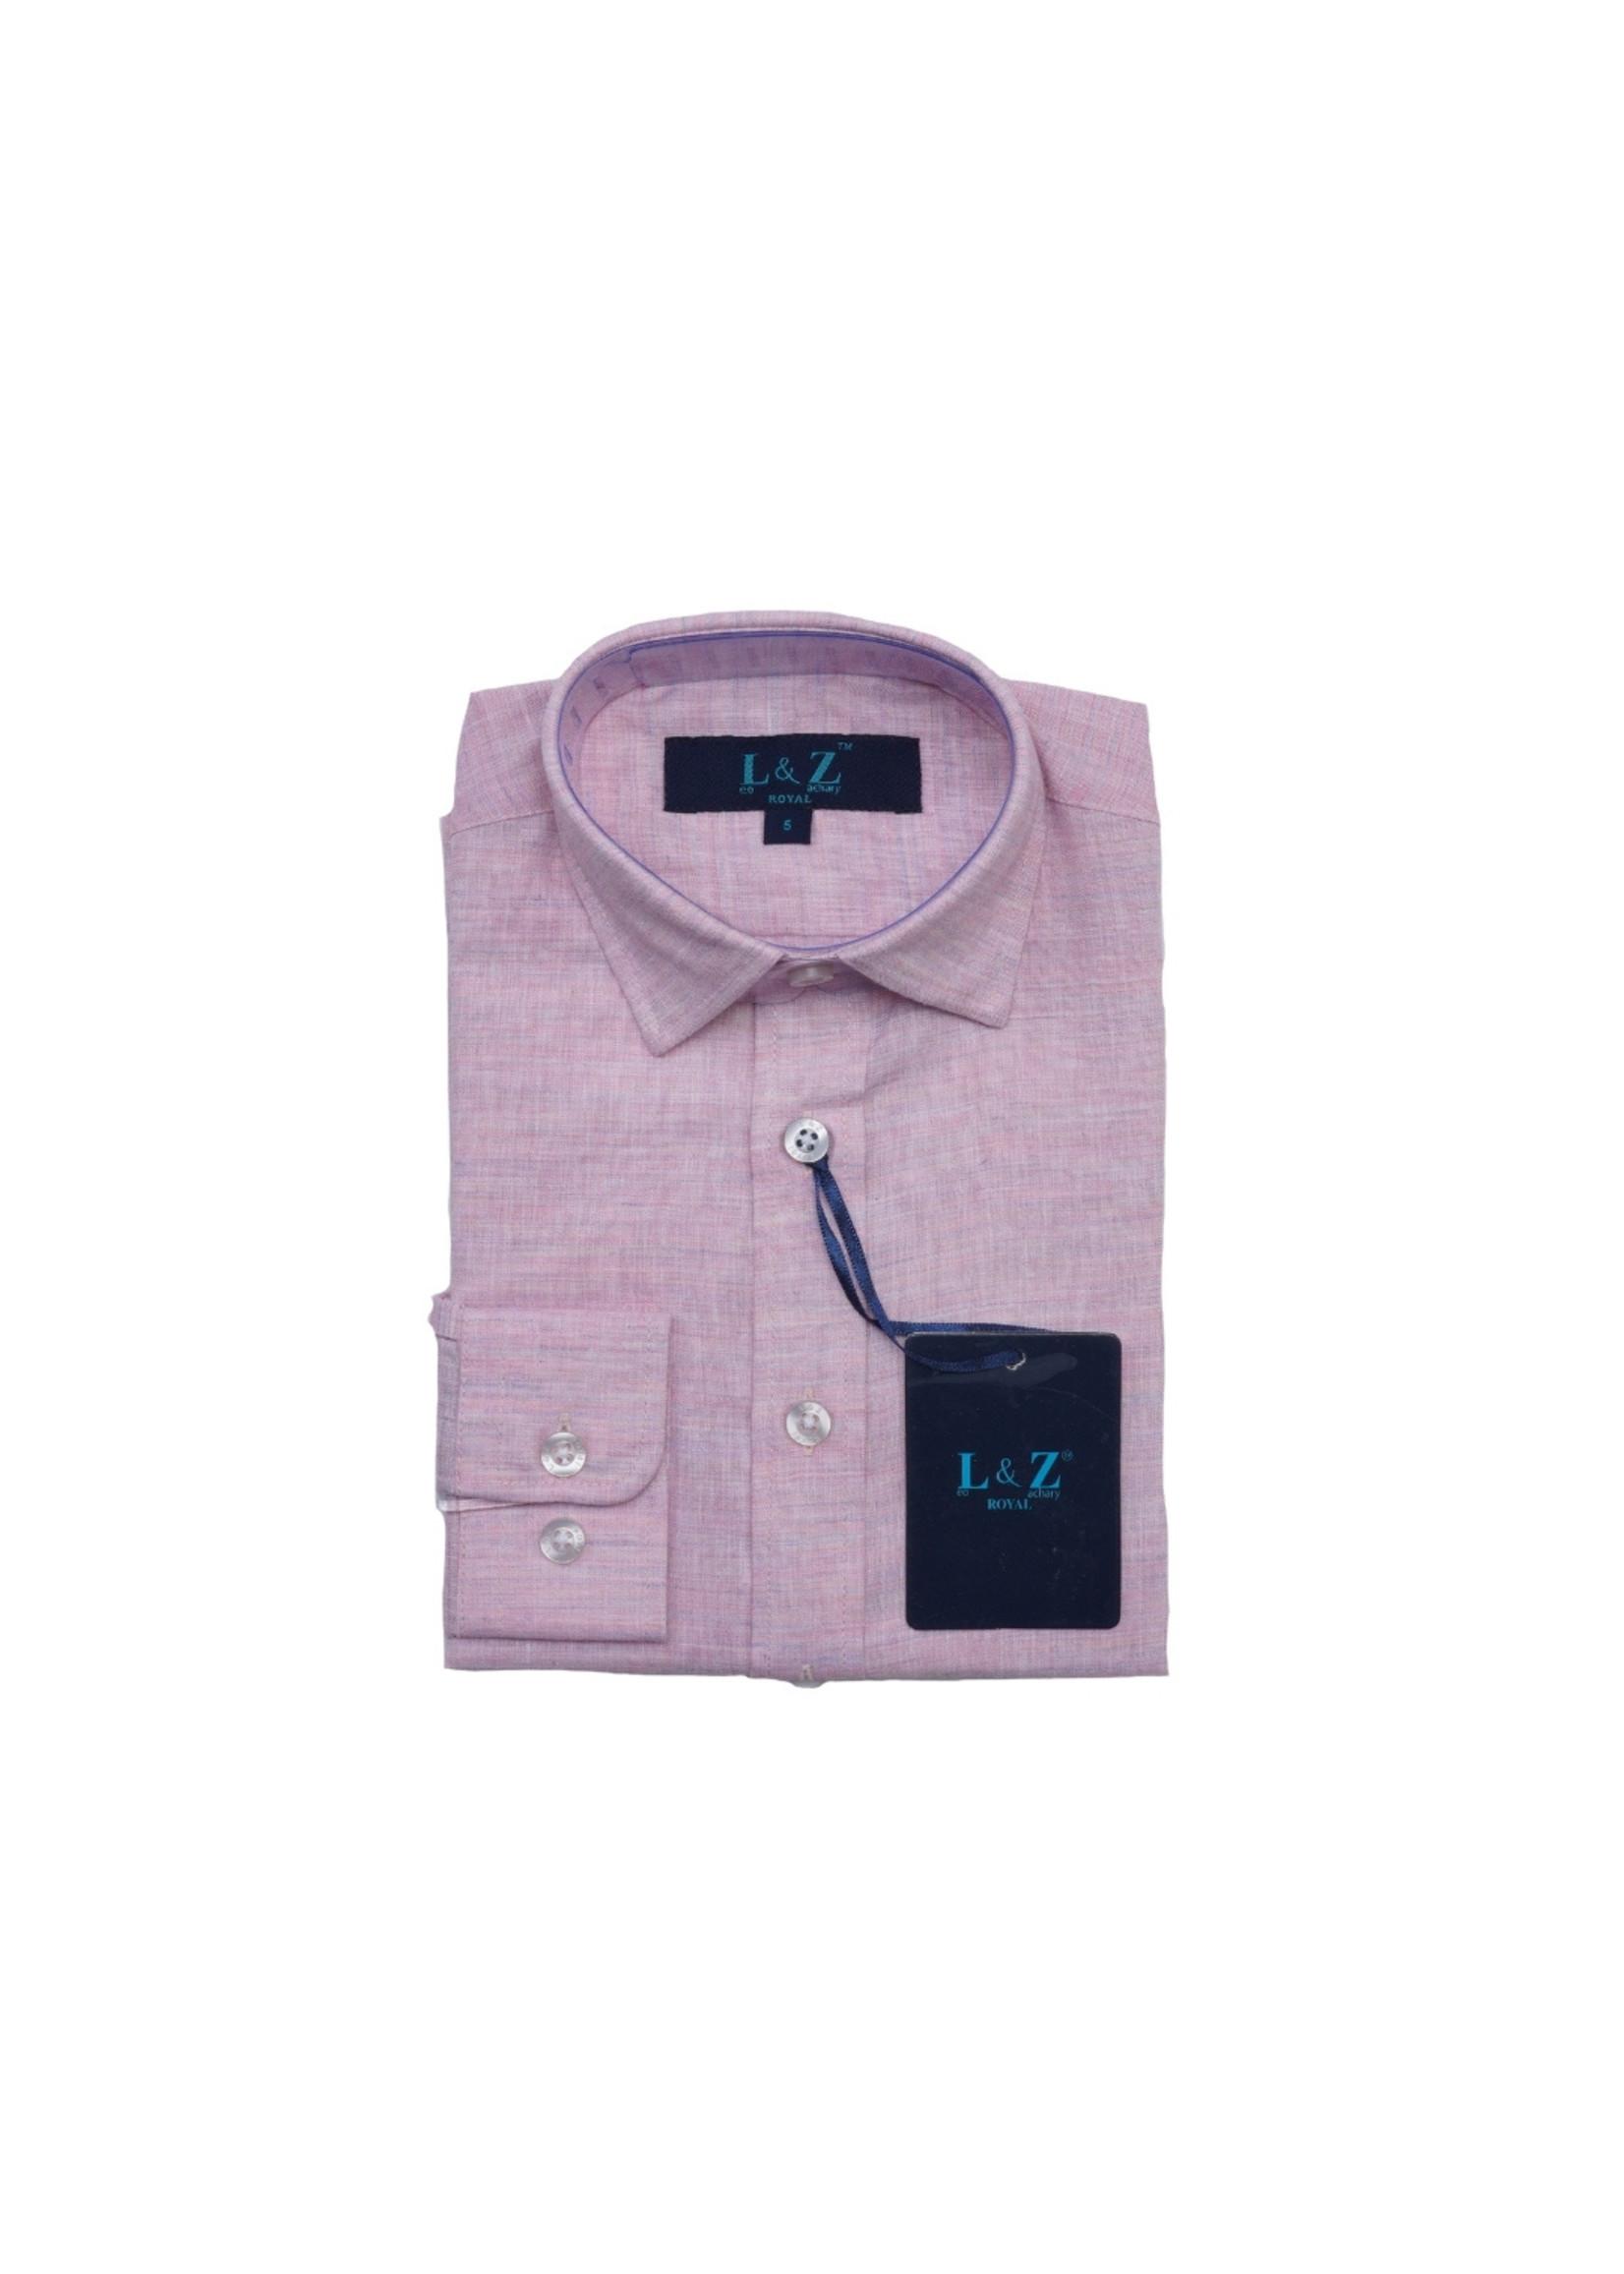 Boys Pink Chambray Dress Shirt